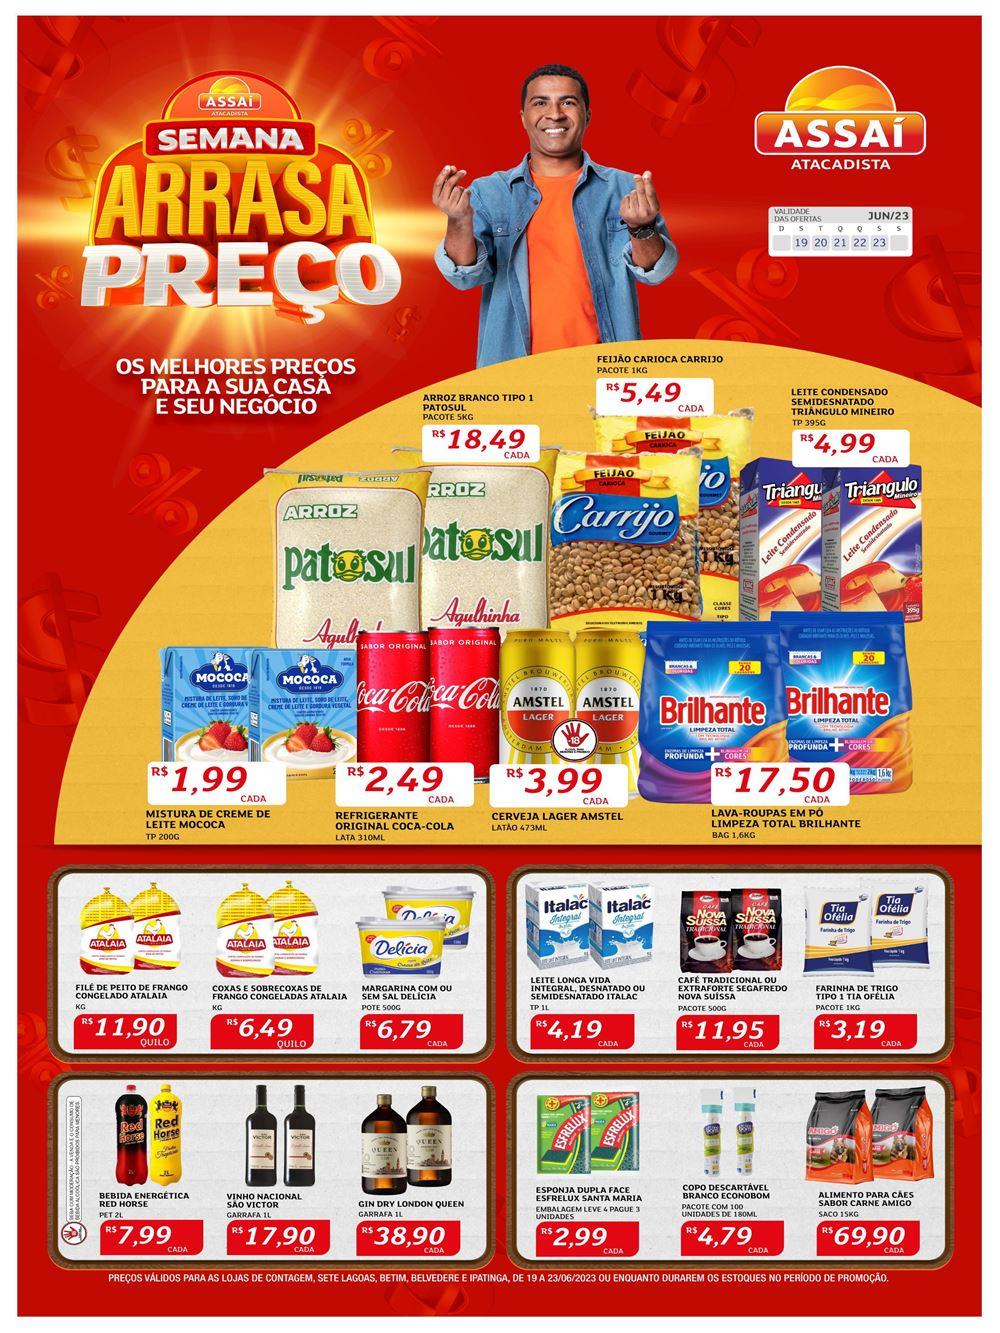 assai-ofertas-descontos-hoje21-17 Minas Gerais